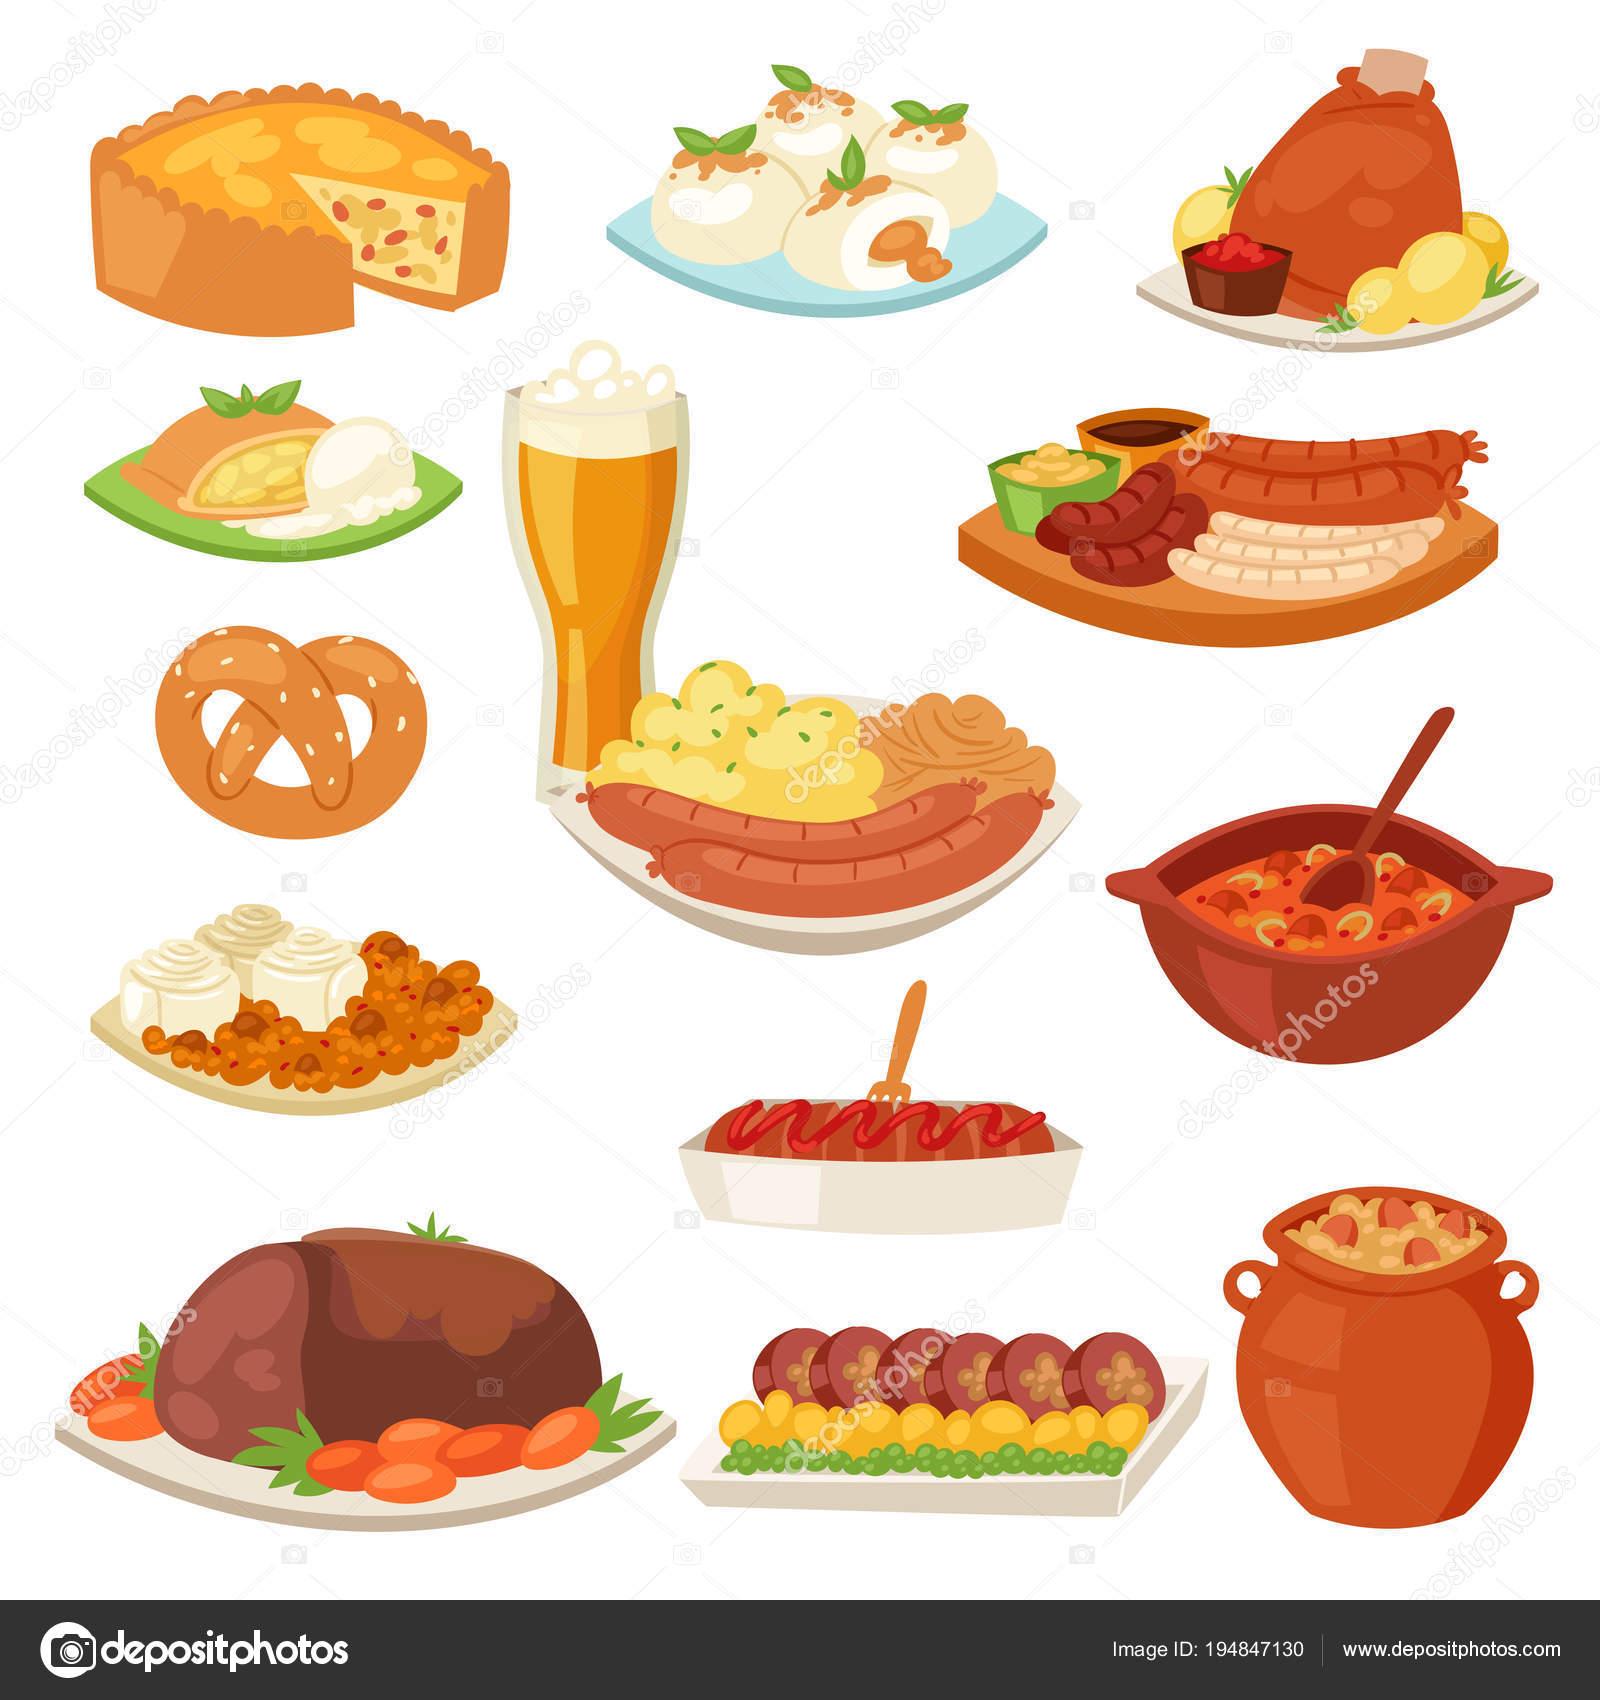 ドイツ料理は、ドイツの伝統的な料理をベクトルし、バイエルンの軽食と